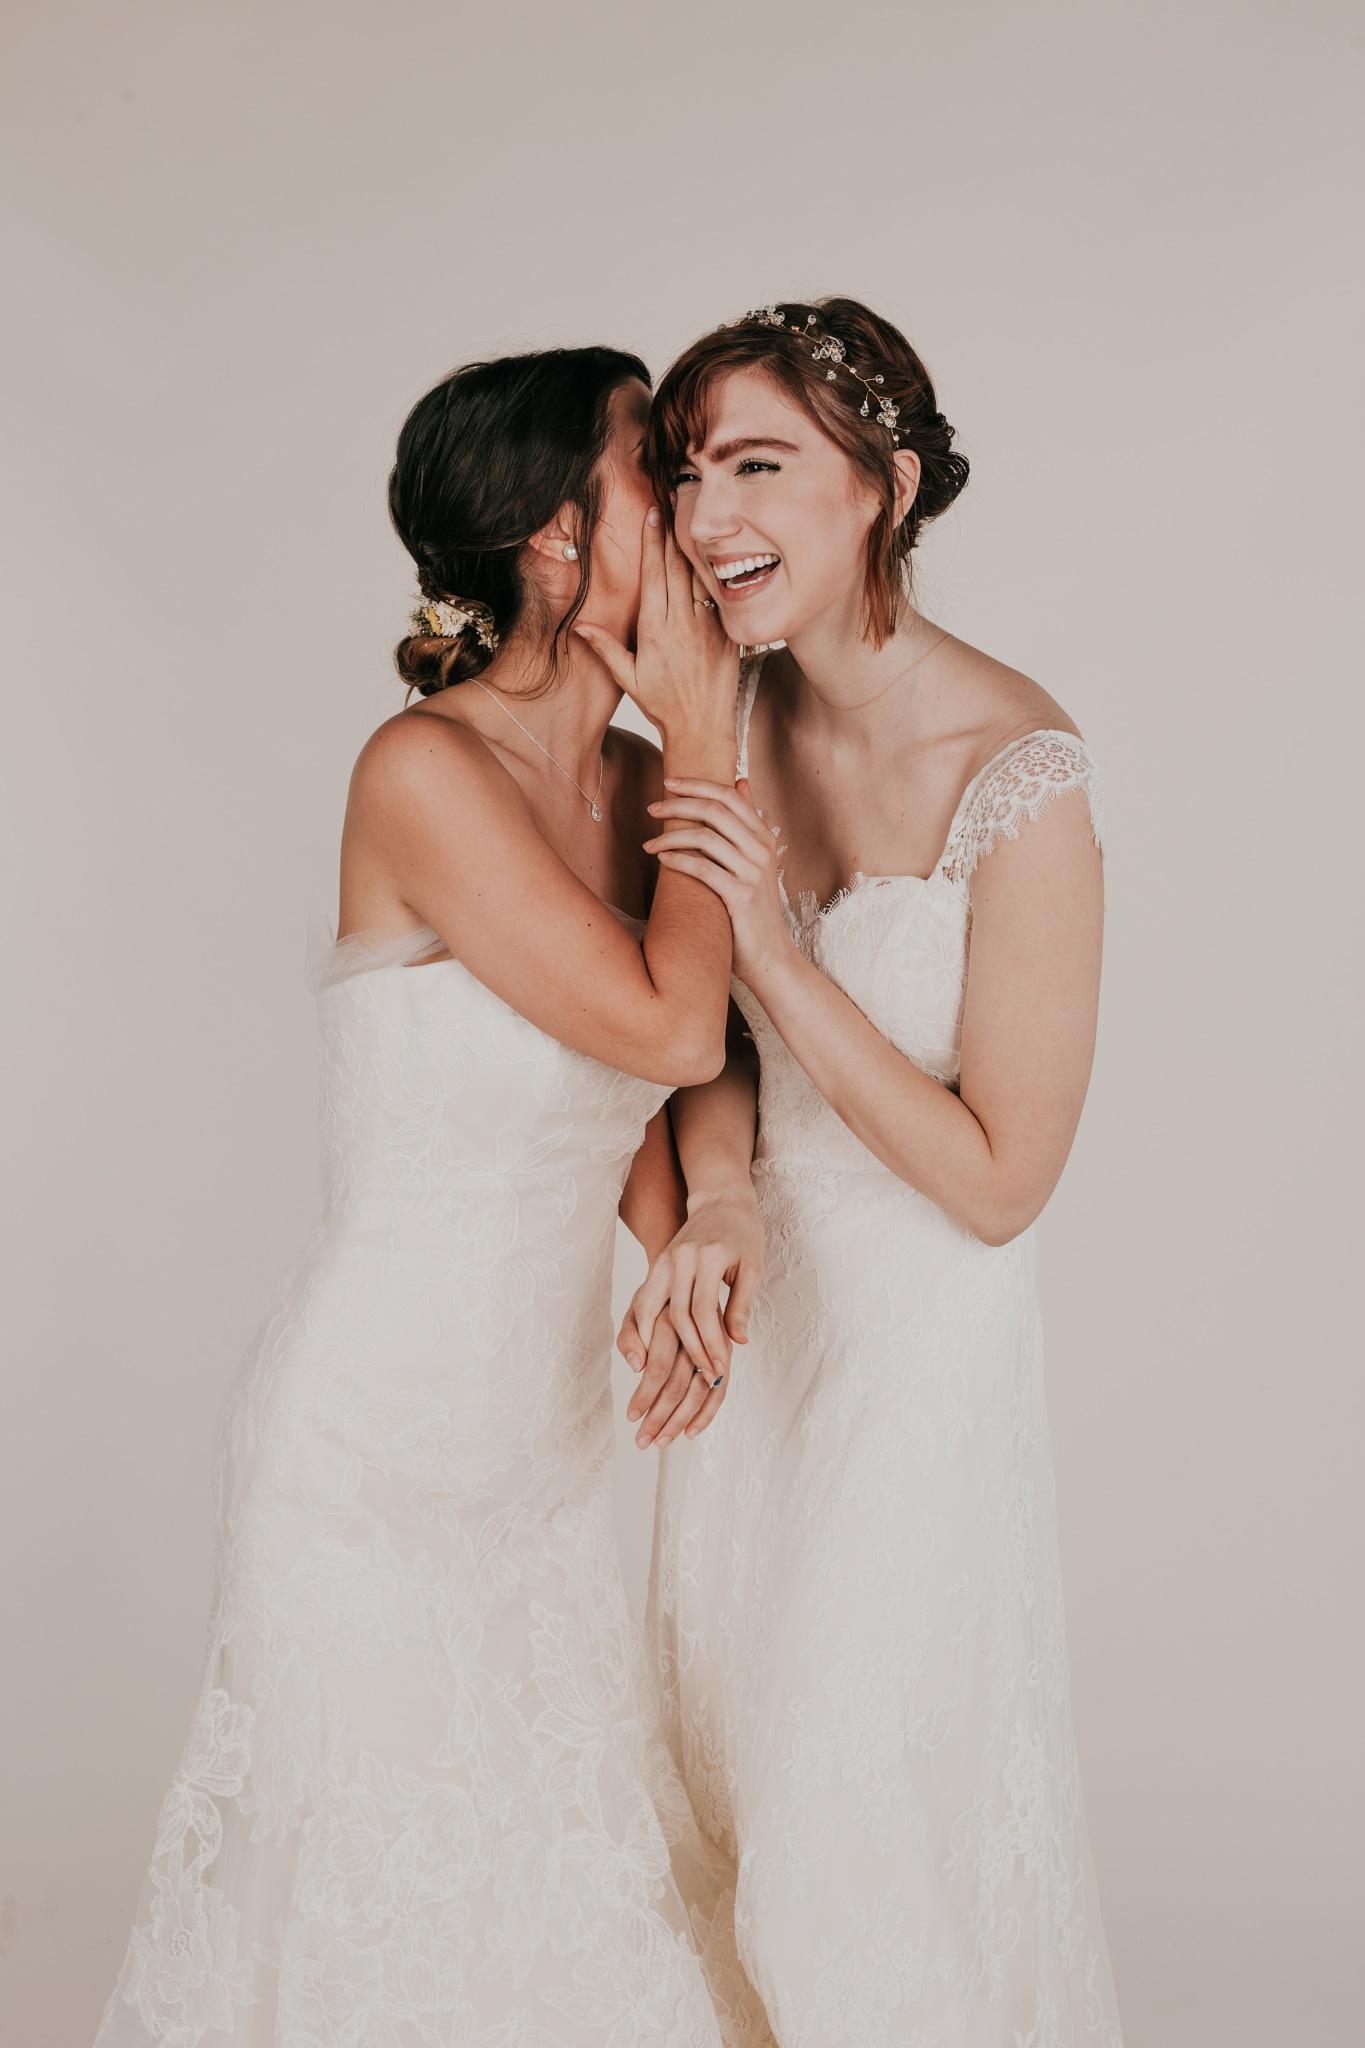 Always a bride, never a bridesmaid by Ryan Rivas